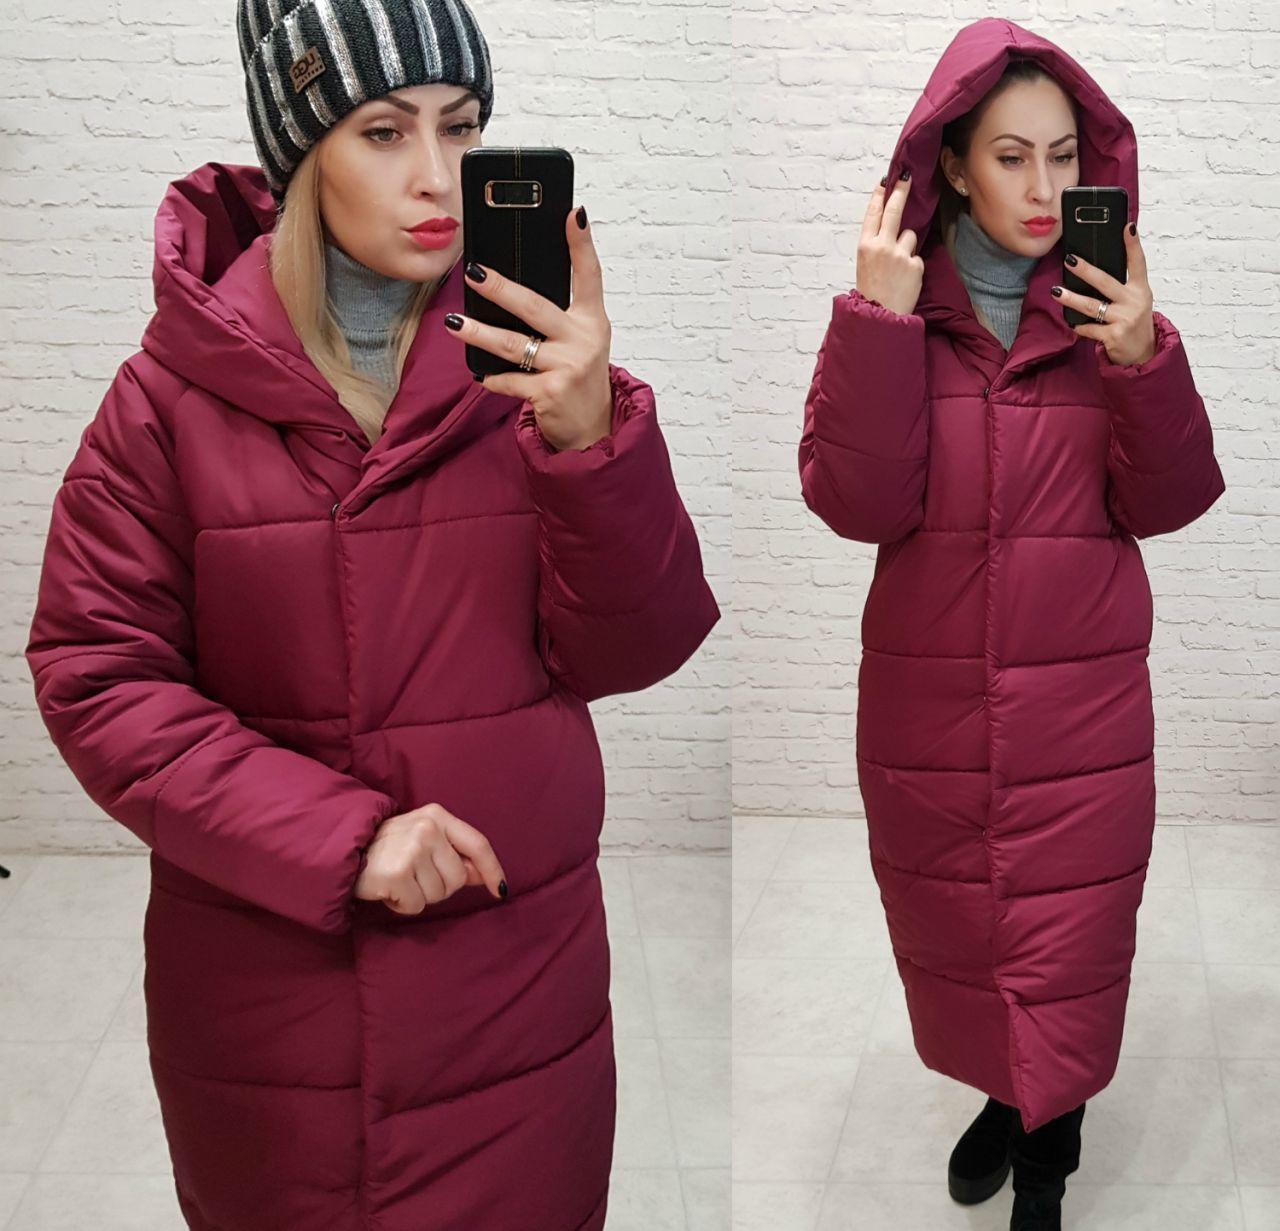 Куртка зимняя длинная очень теплая с капюшоном арт. 521 вишня